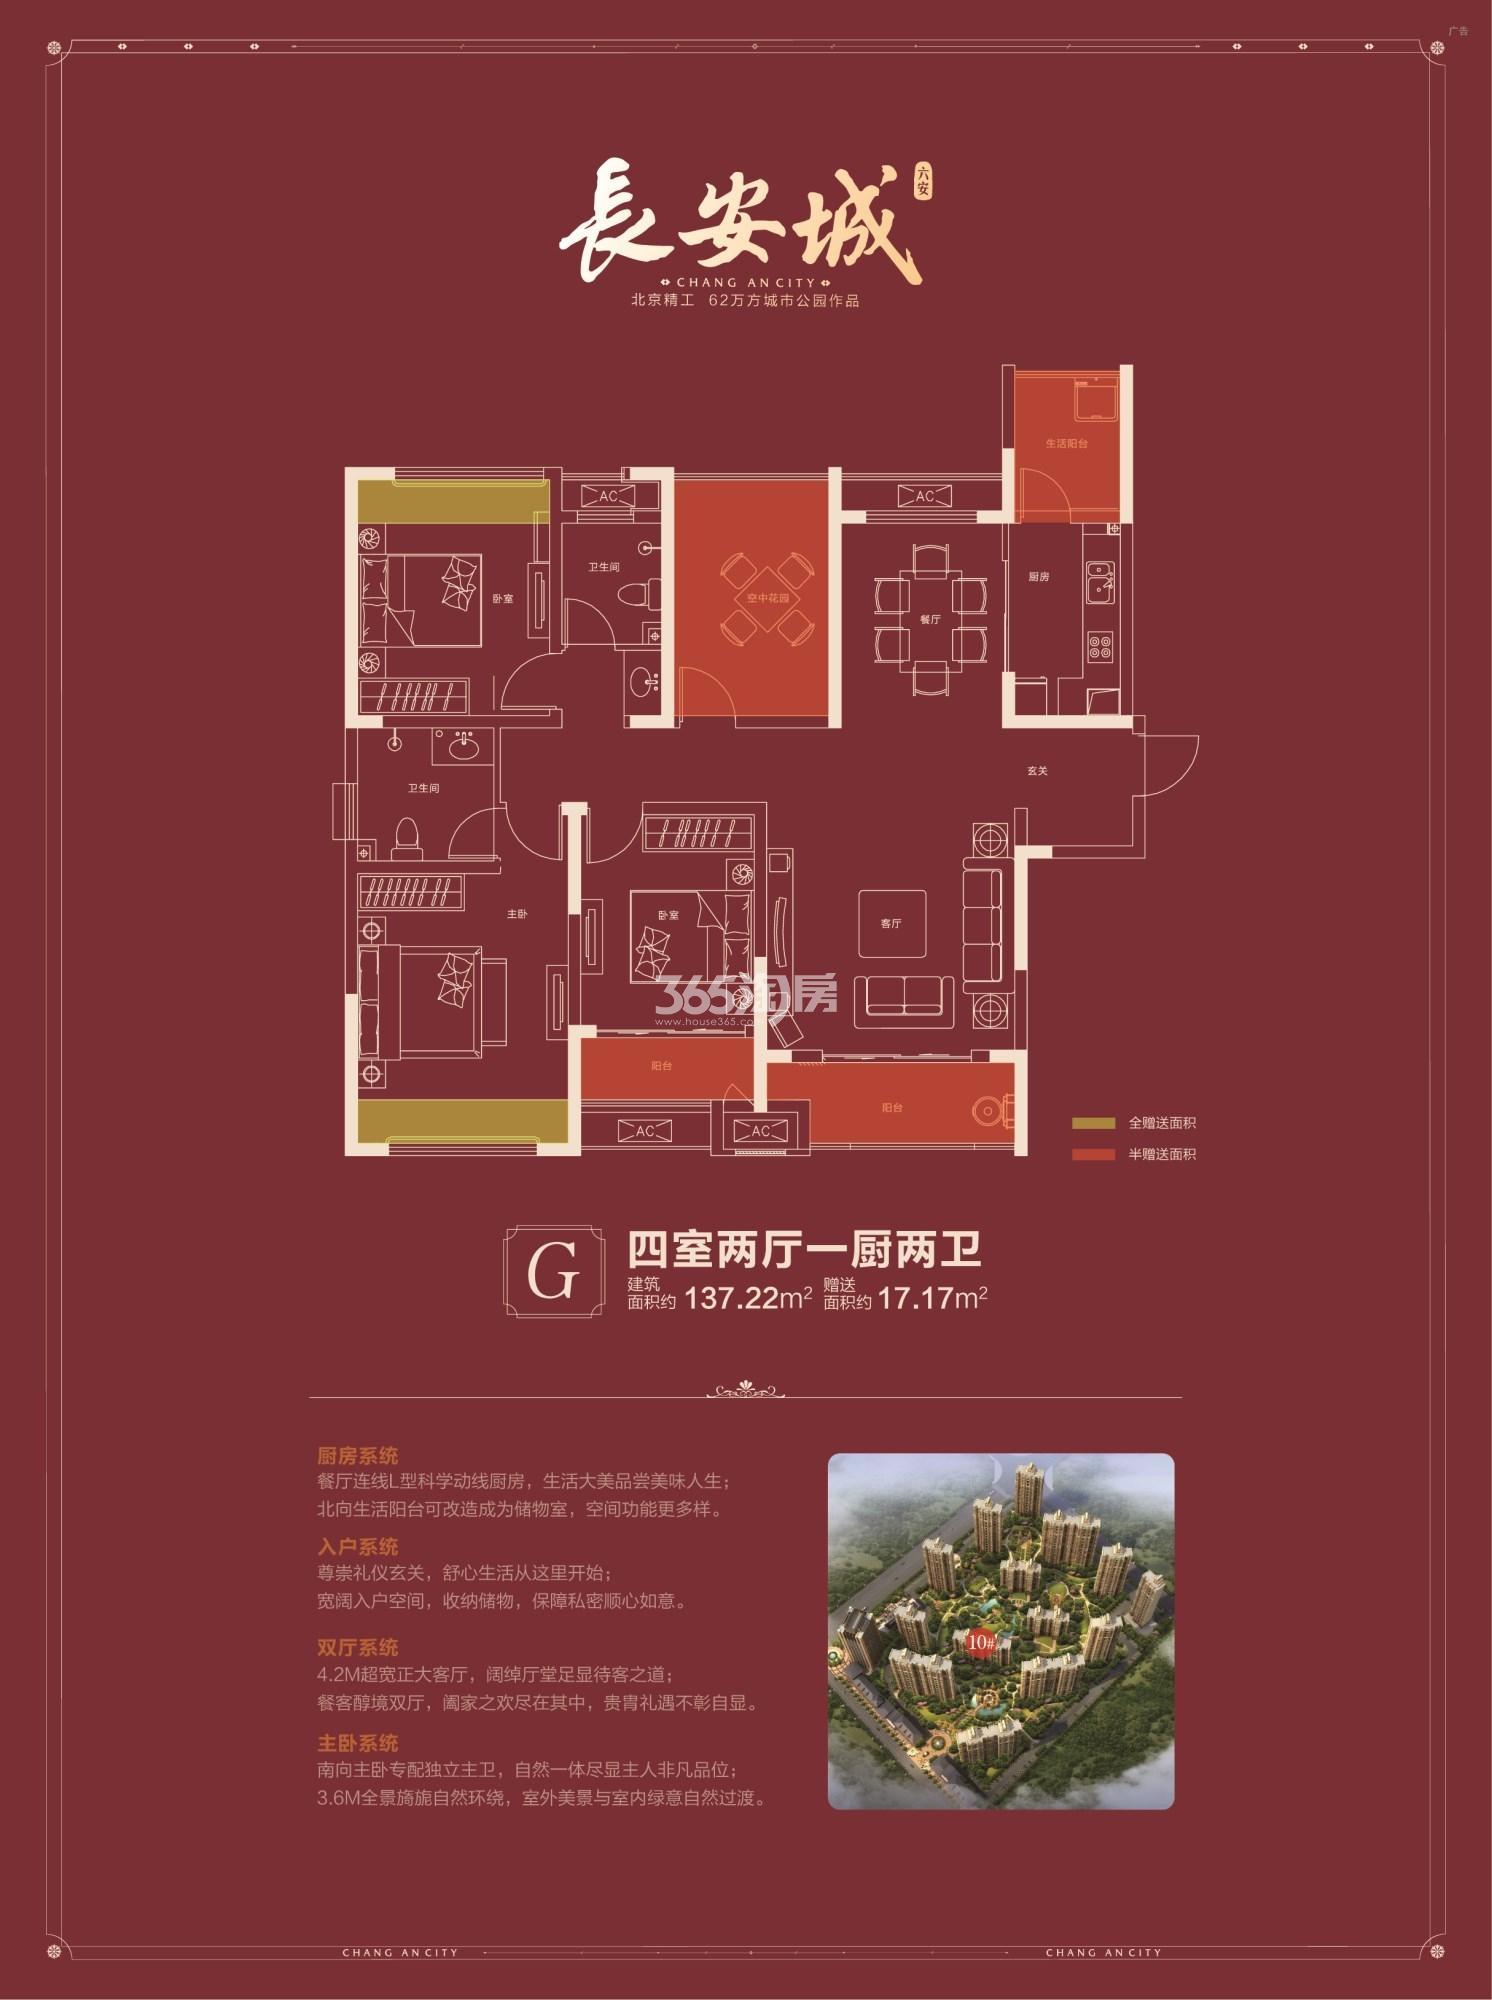 长安城项目G户型137.22平米户型图